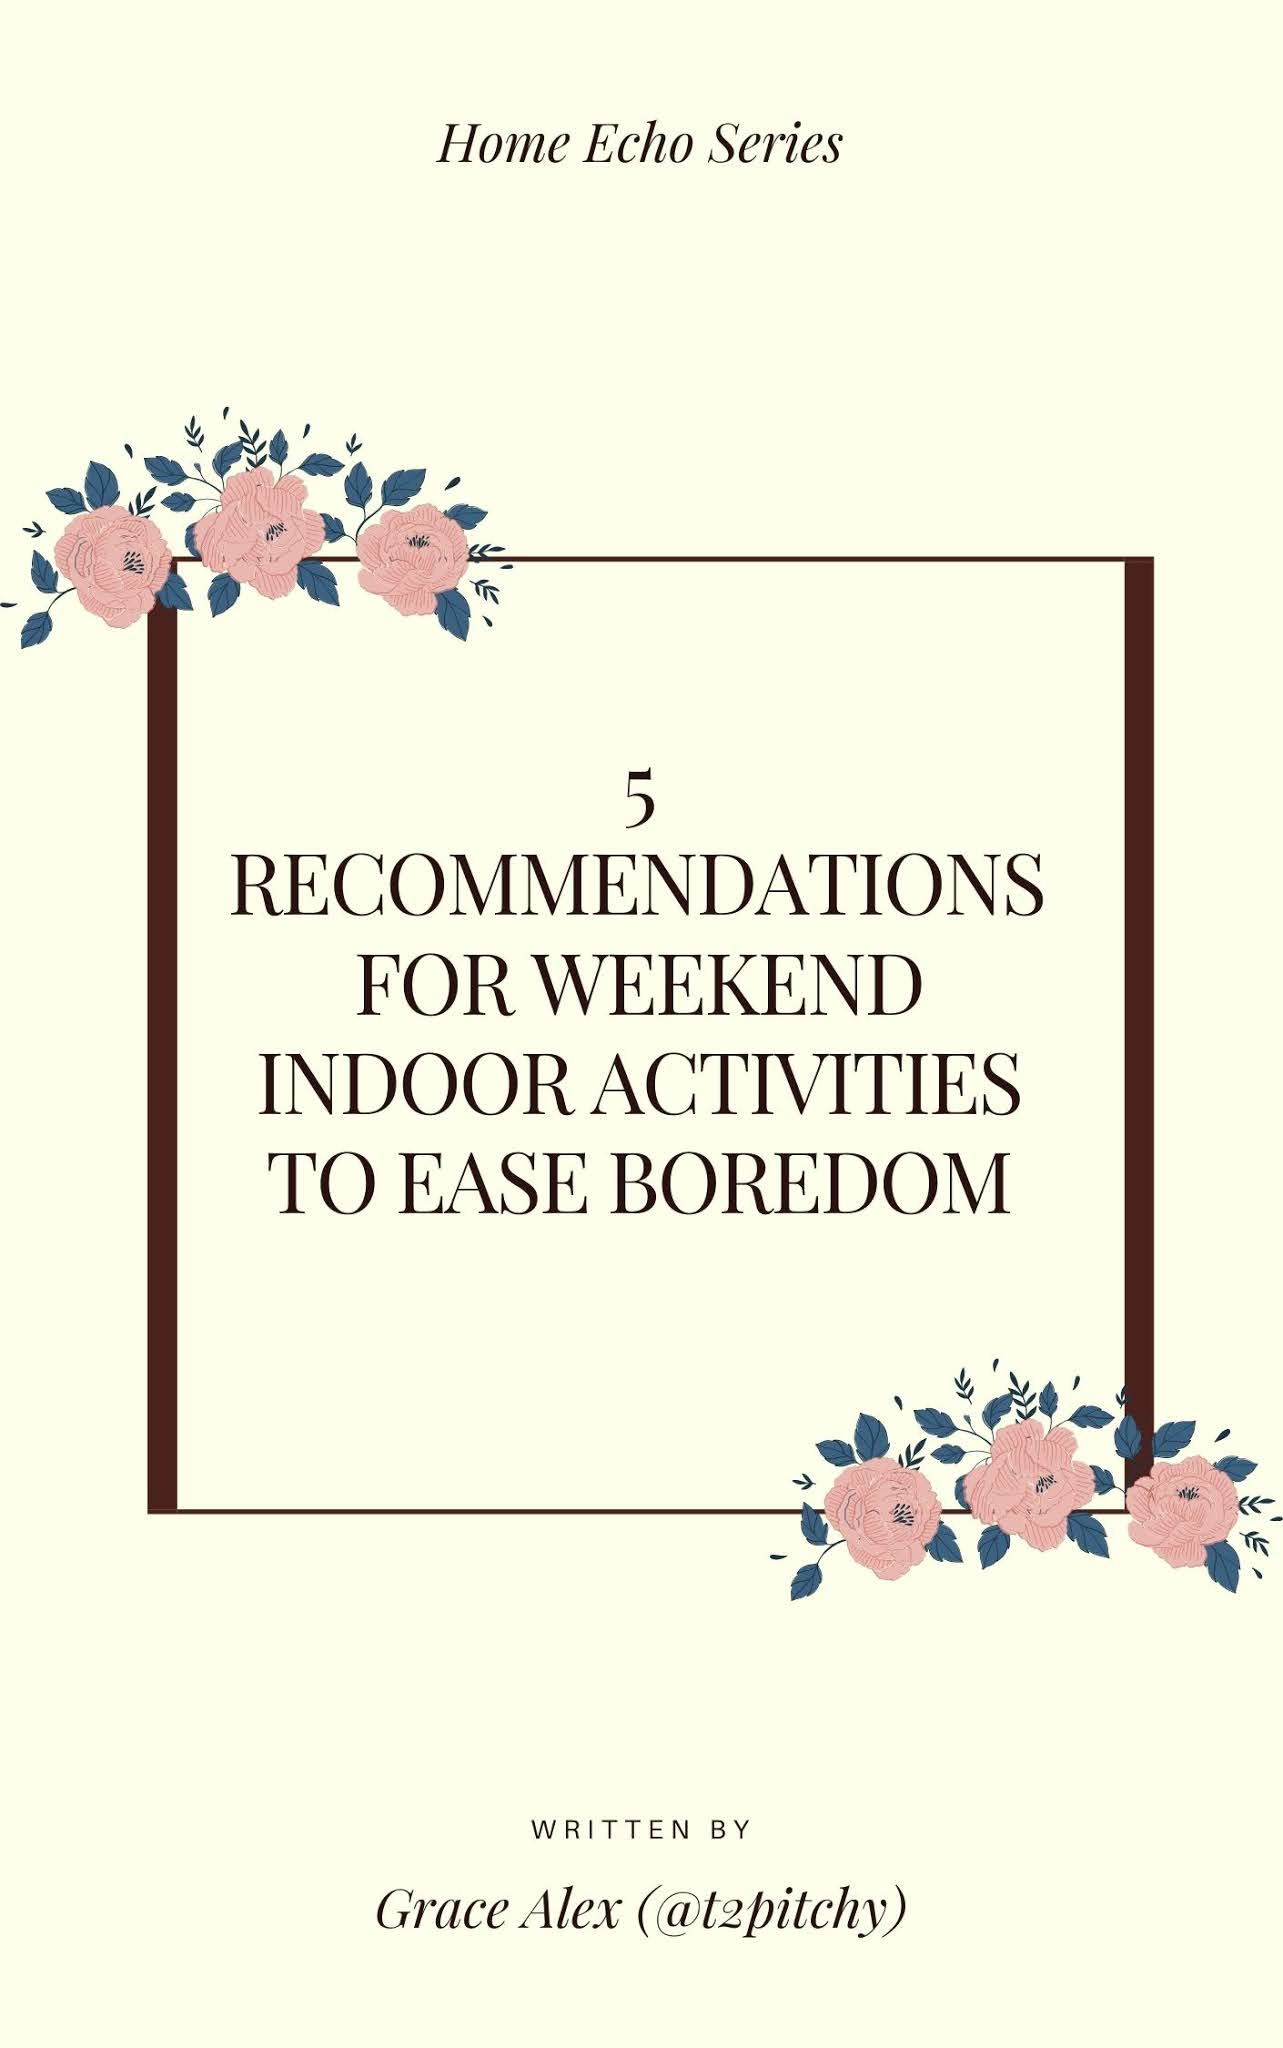 Weekend Indoor activities